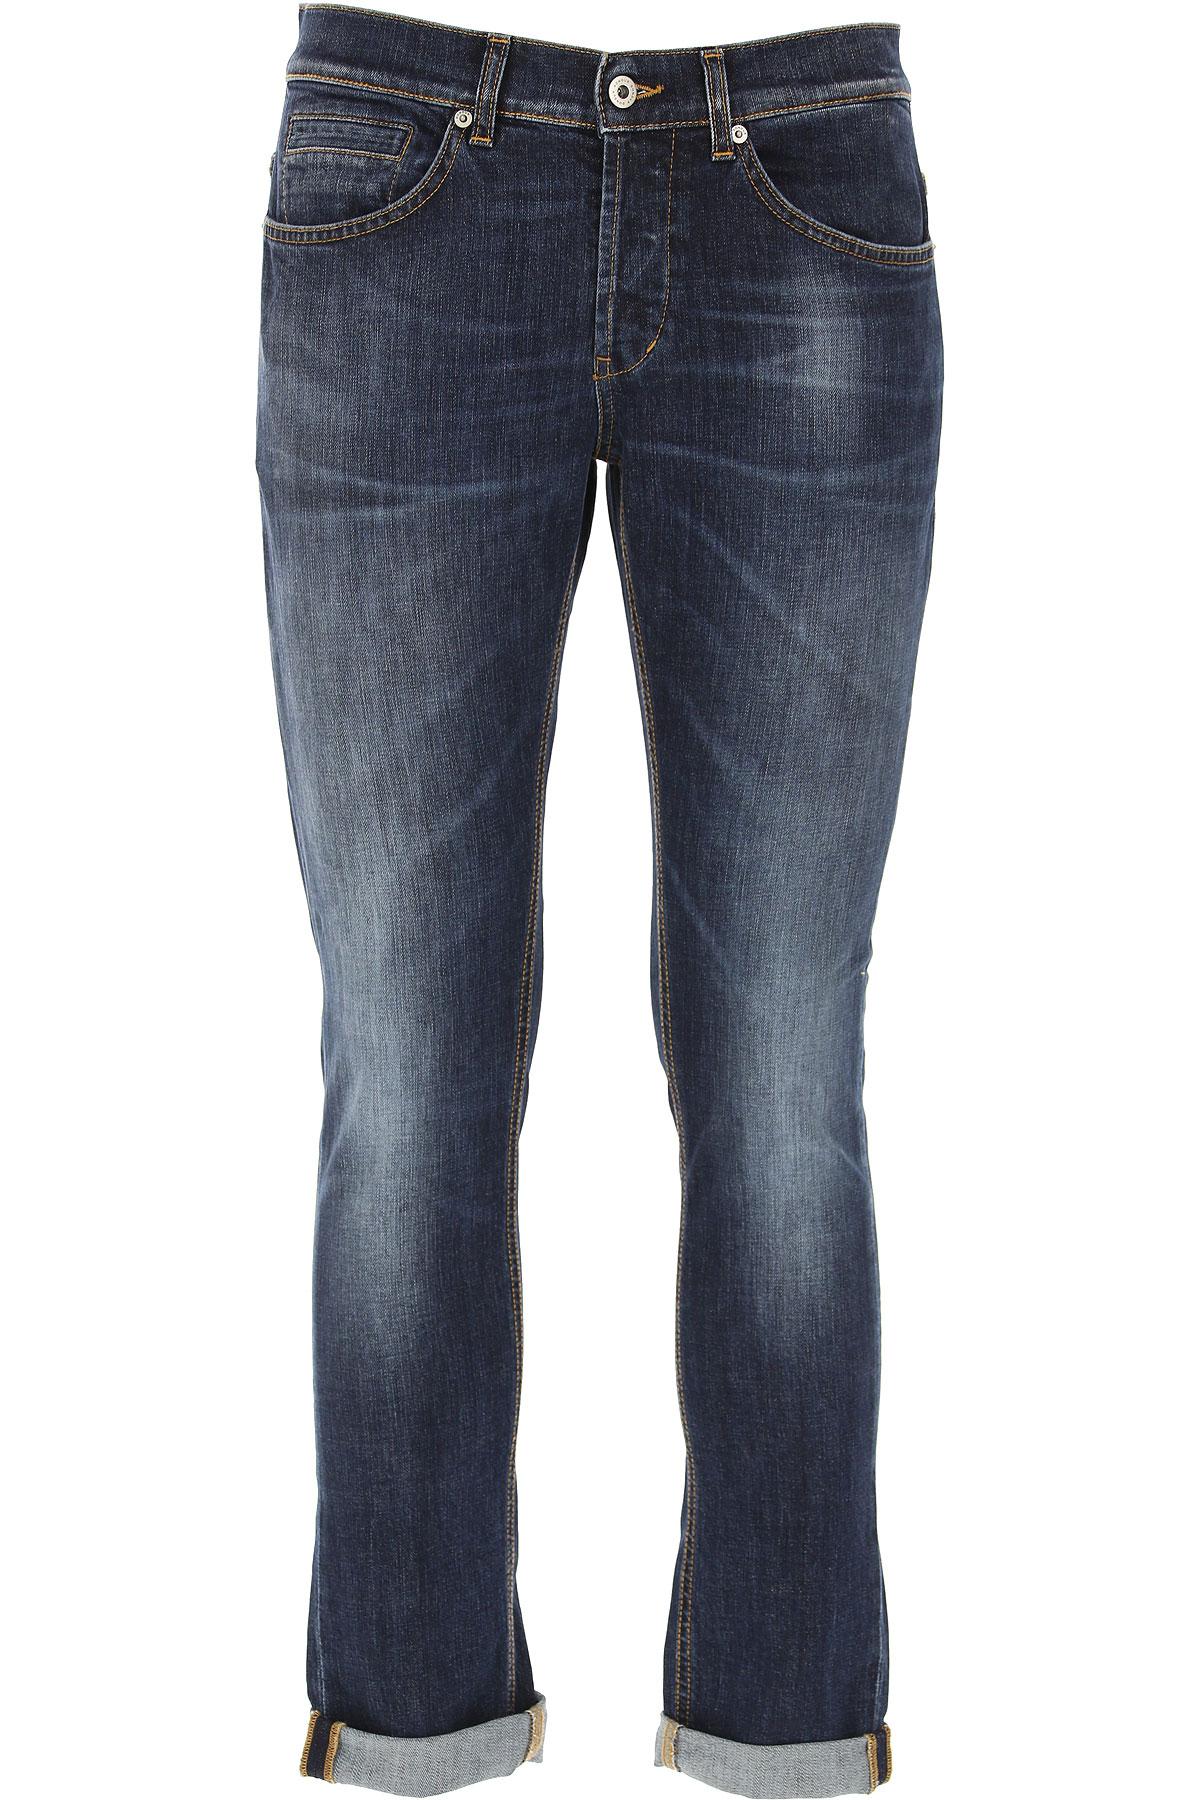 Dondup Jeans, Denim Blue, Cotton, 2019, 29 33